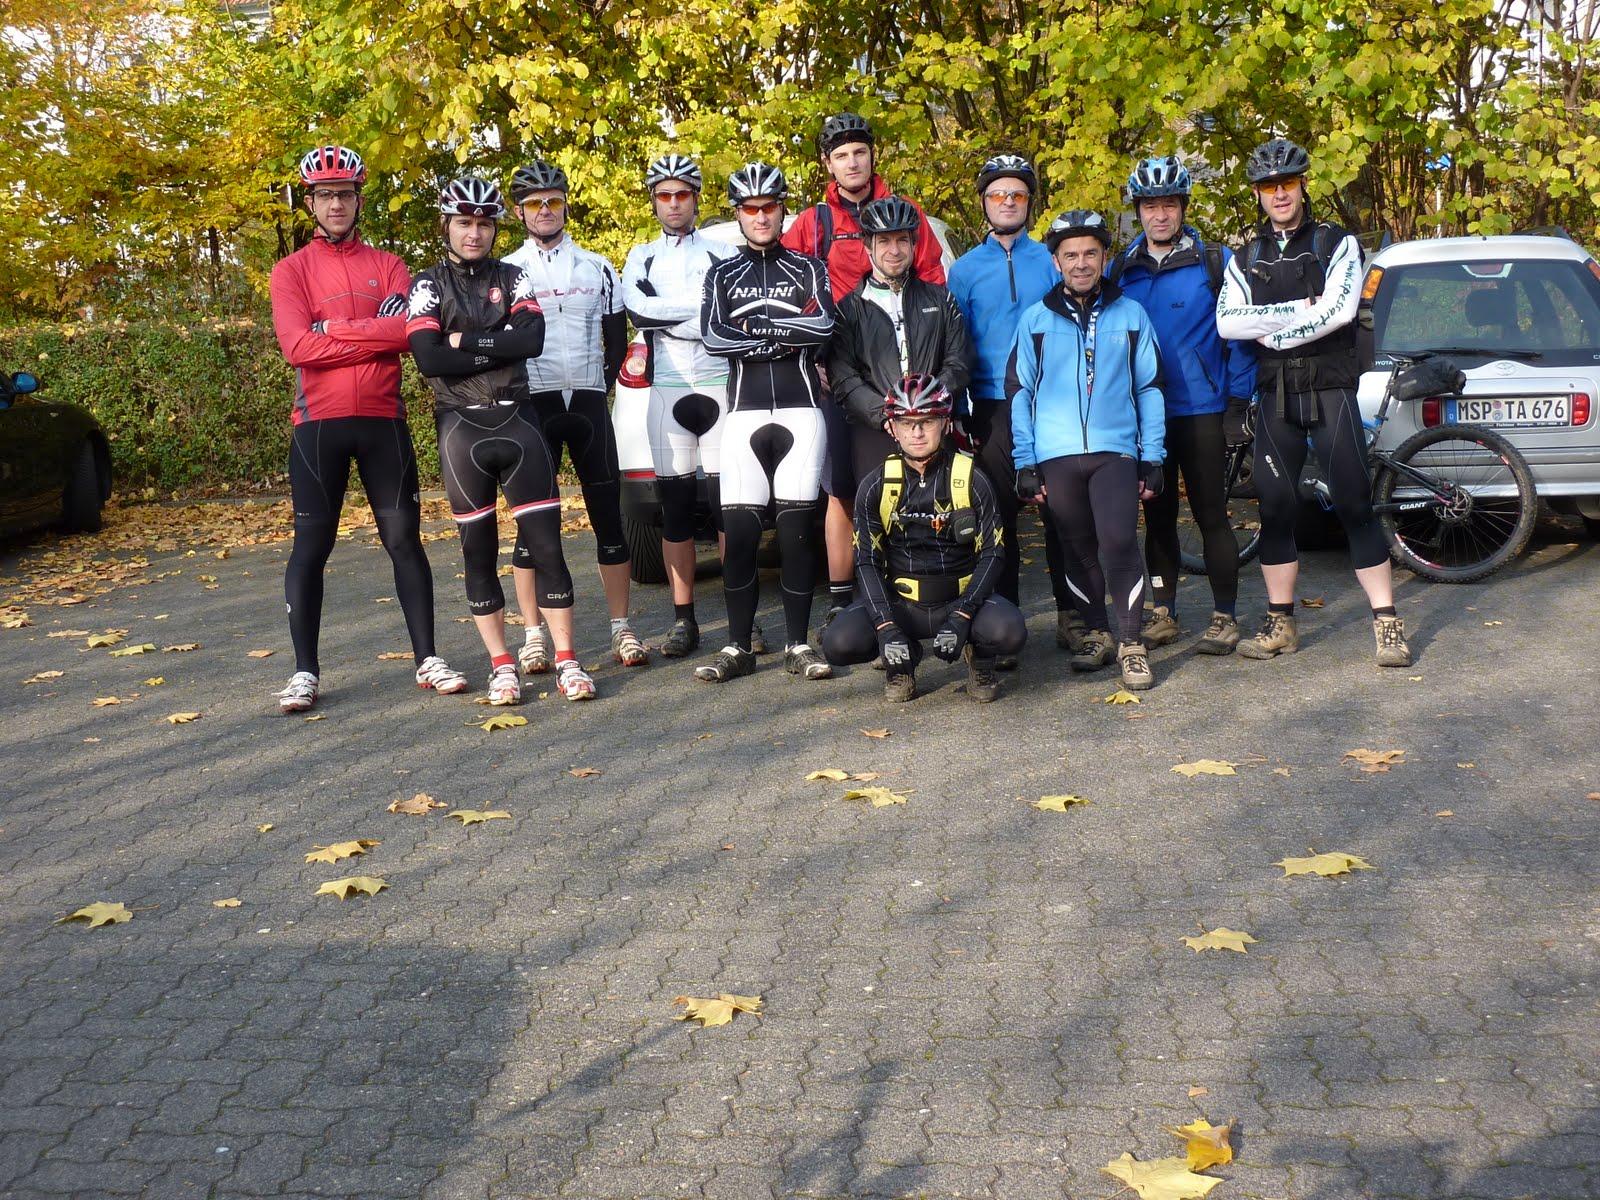 Spessart-Biker Tour am 31.10.2010 (Sonntag, 31.Oktober.2010)